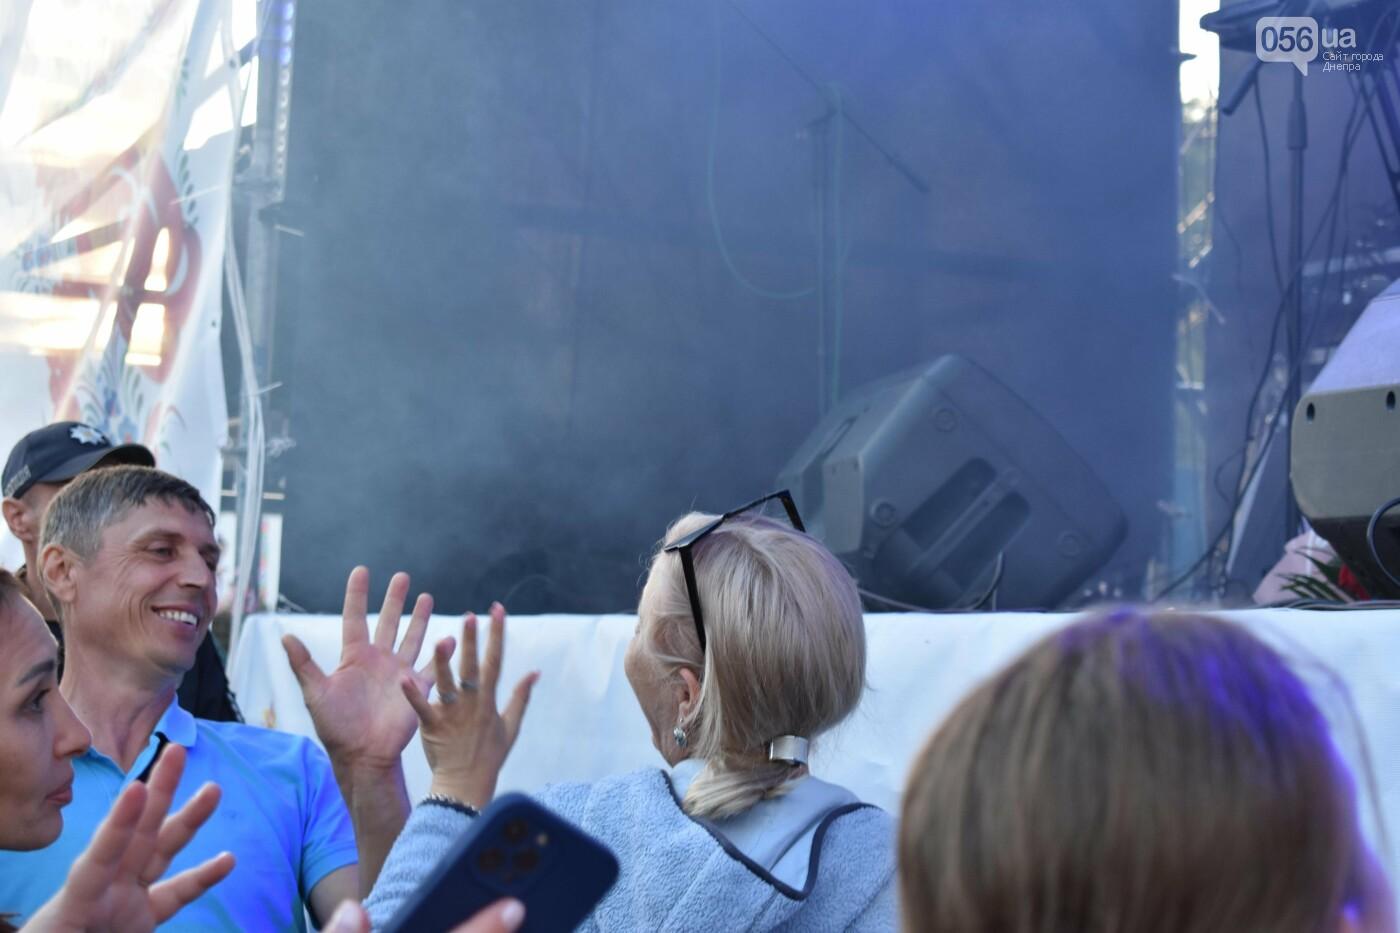 """""""Ах какая женщина"""": звездным гостем ярмарки-фестиваля на Днепропетровщине стала группа """"Фристайл"""" вместе с Натой Нединой, - ФОТО, ВИДЕО, фото-18"""